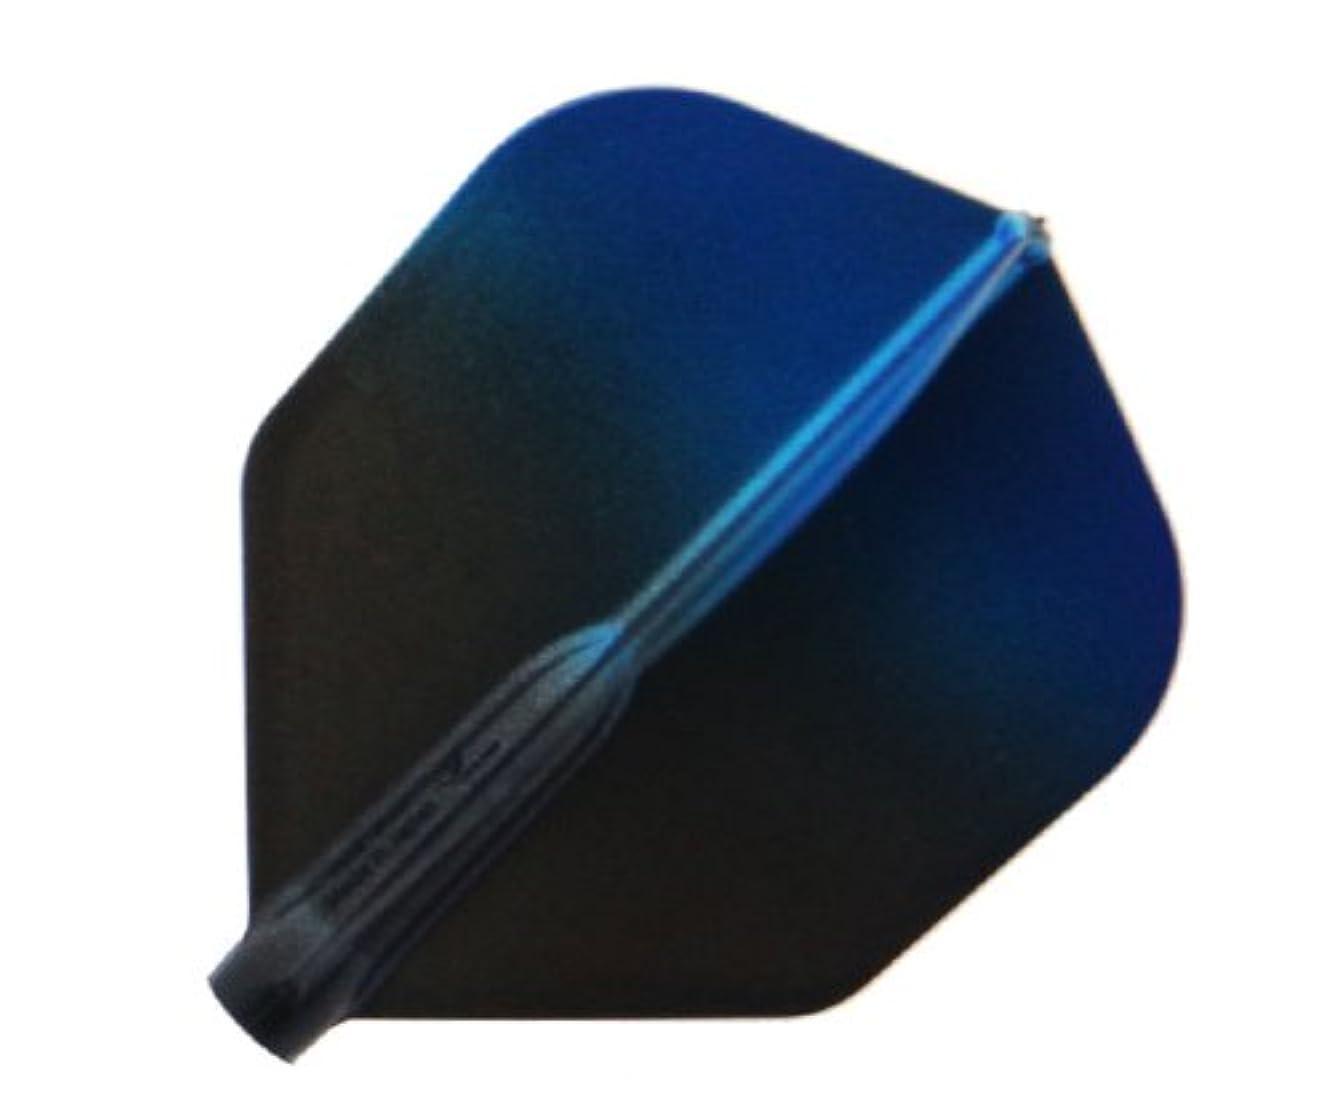 自動的に一時的スリムEsprit(エスプリ) フィットフライトエアー×エスプリ クリアブラックグラデーション シェイプ ブルー fif6312